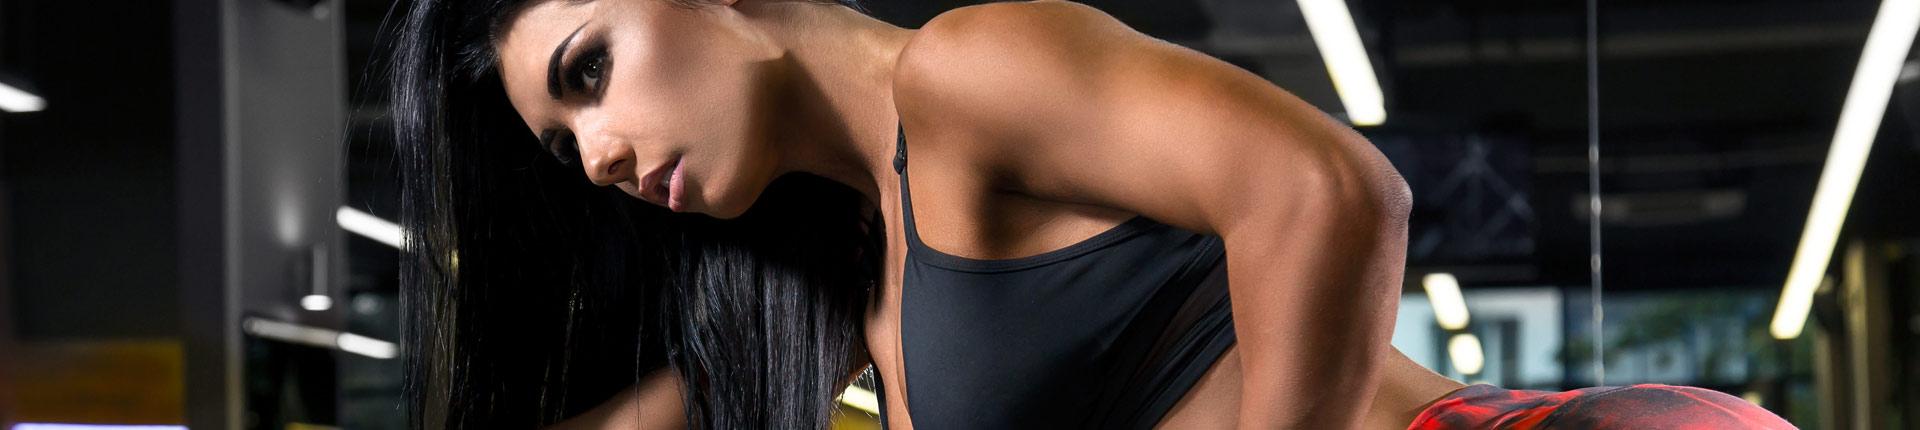 Efektywne odchudzanie: Ile muszę schudnąć dla zdrowia?